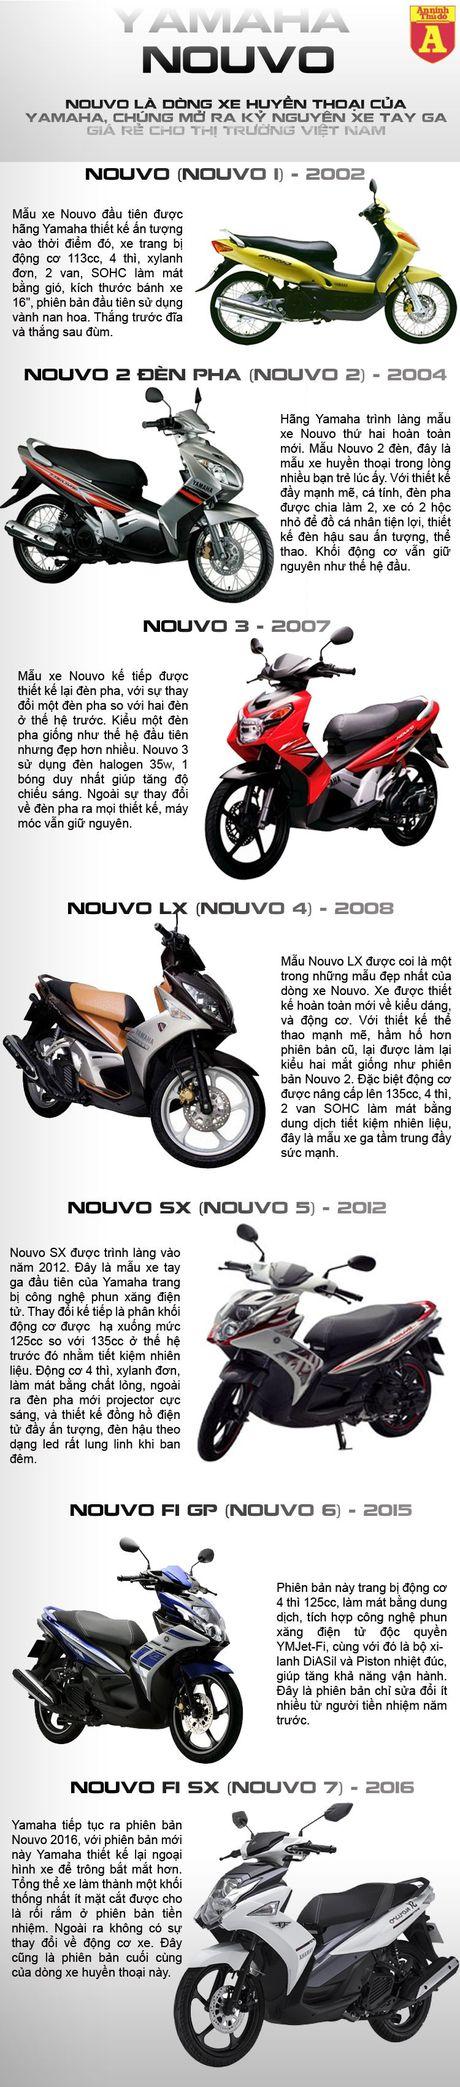 Yamaha Nouvo - Chia tay mot dong xe huyen thoai - Anh 1